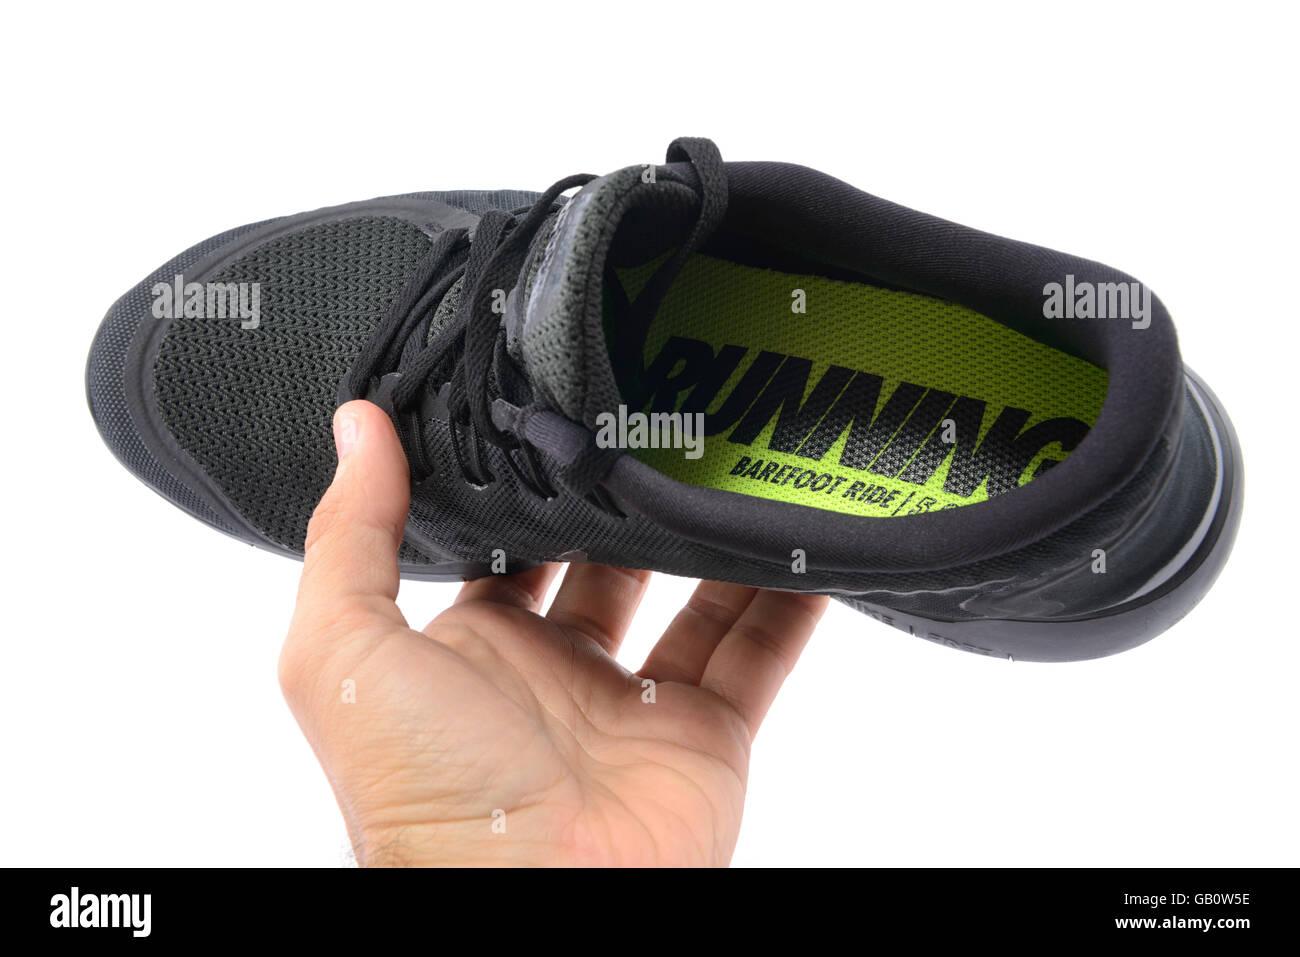 adf98565280ce4 Chaussures Free Course 0 De Nike Modèle Titulaire 5 Personne D'un zxIq0wpS